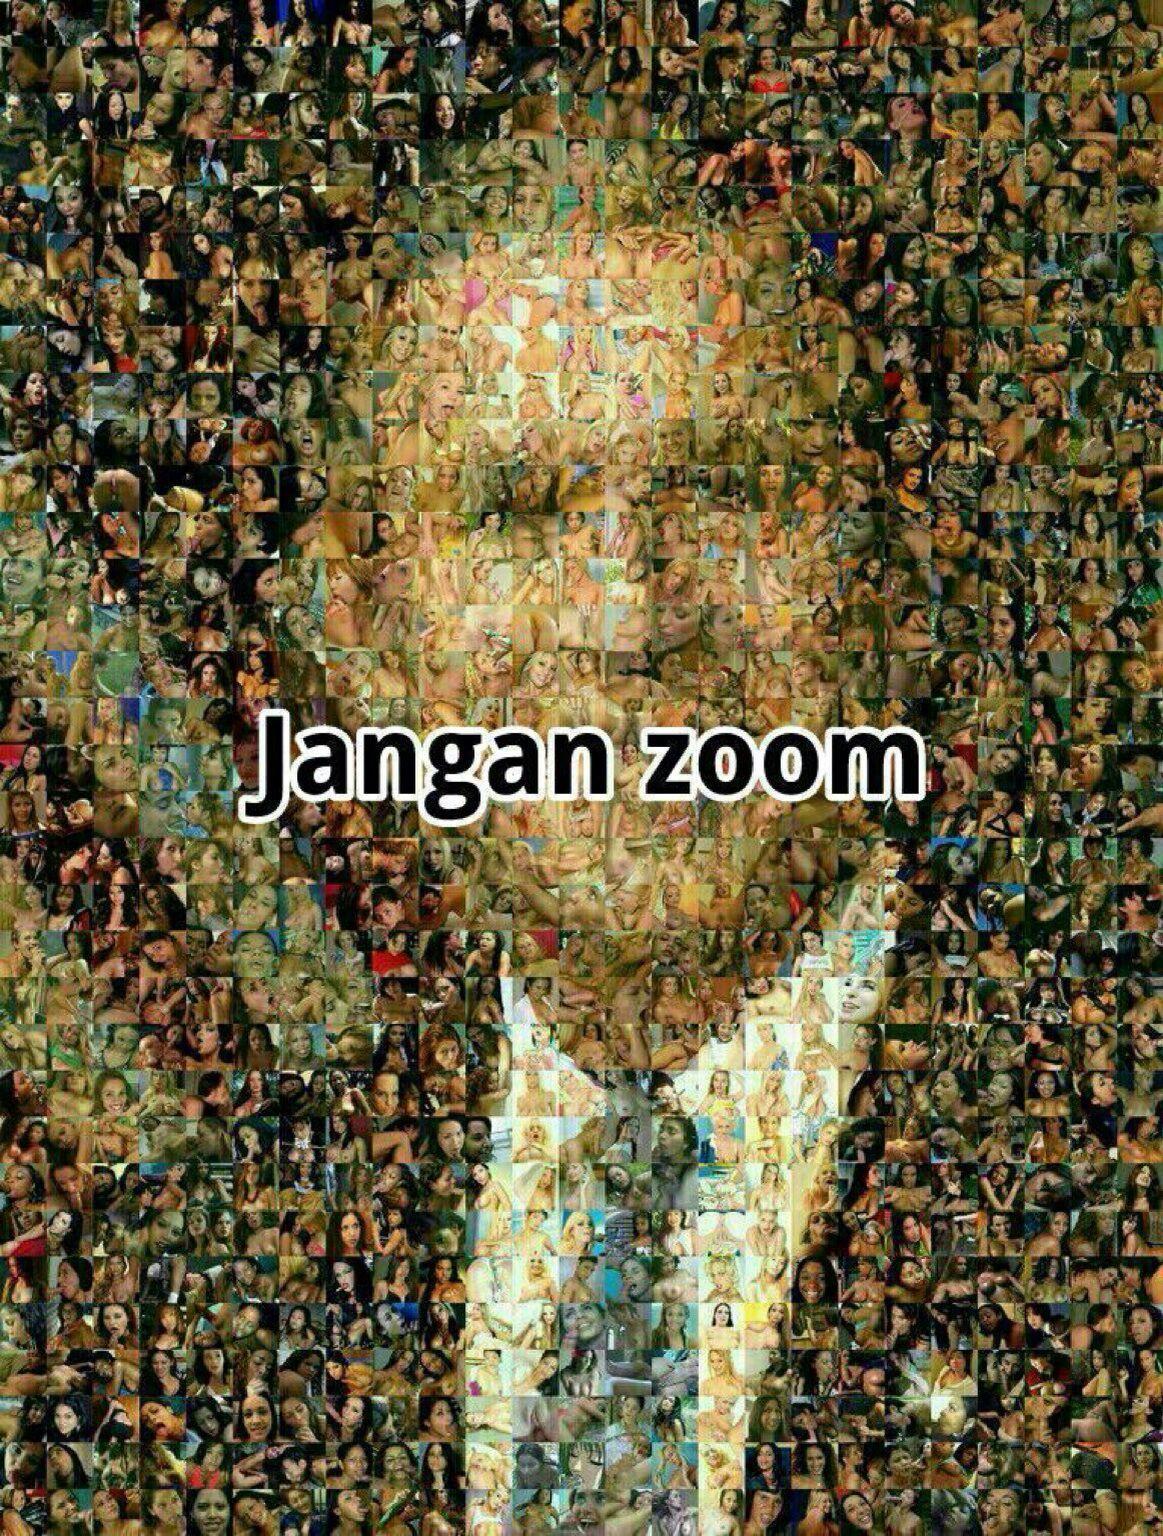 Kumpulan Gambar Lucu Jangan Di Zoom